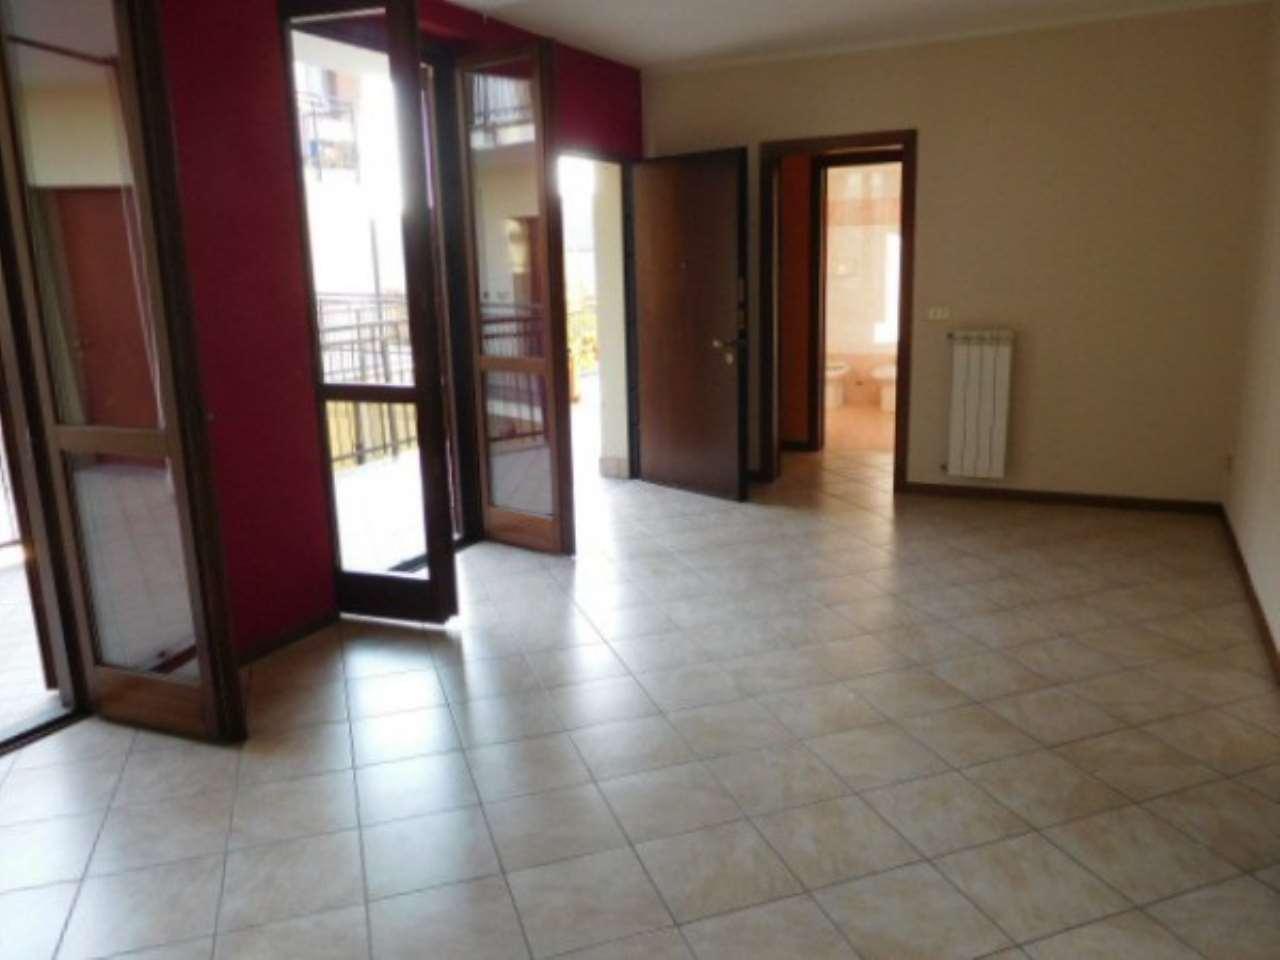 Appartamento in vendita a Marcignago, 3 locali, prezzo € 120.000 | CambioCasa.it